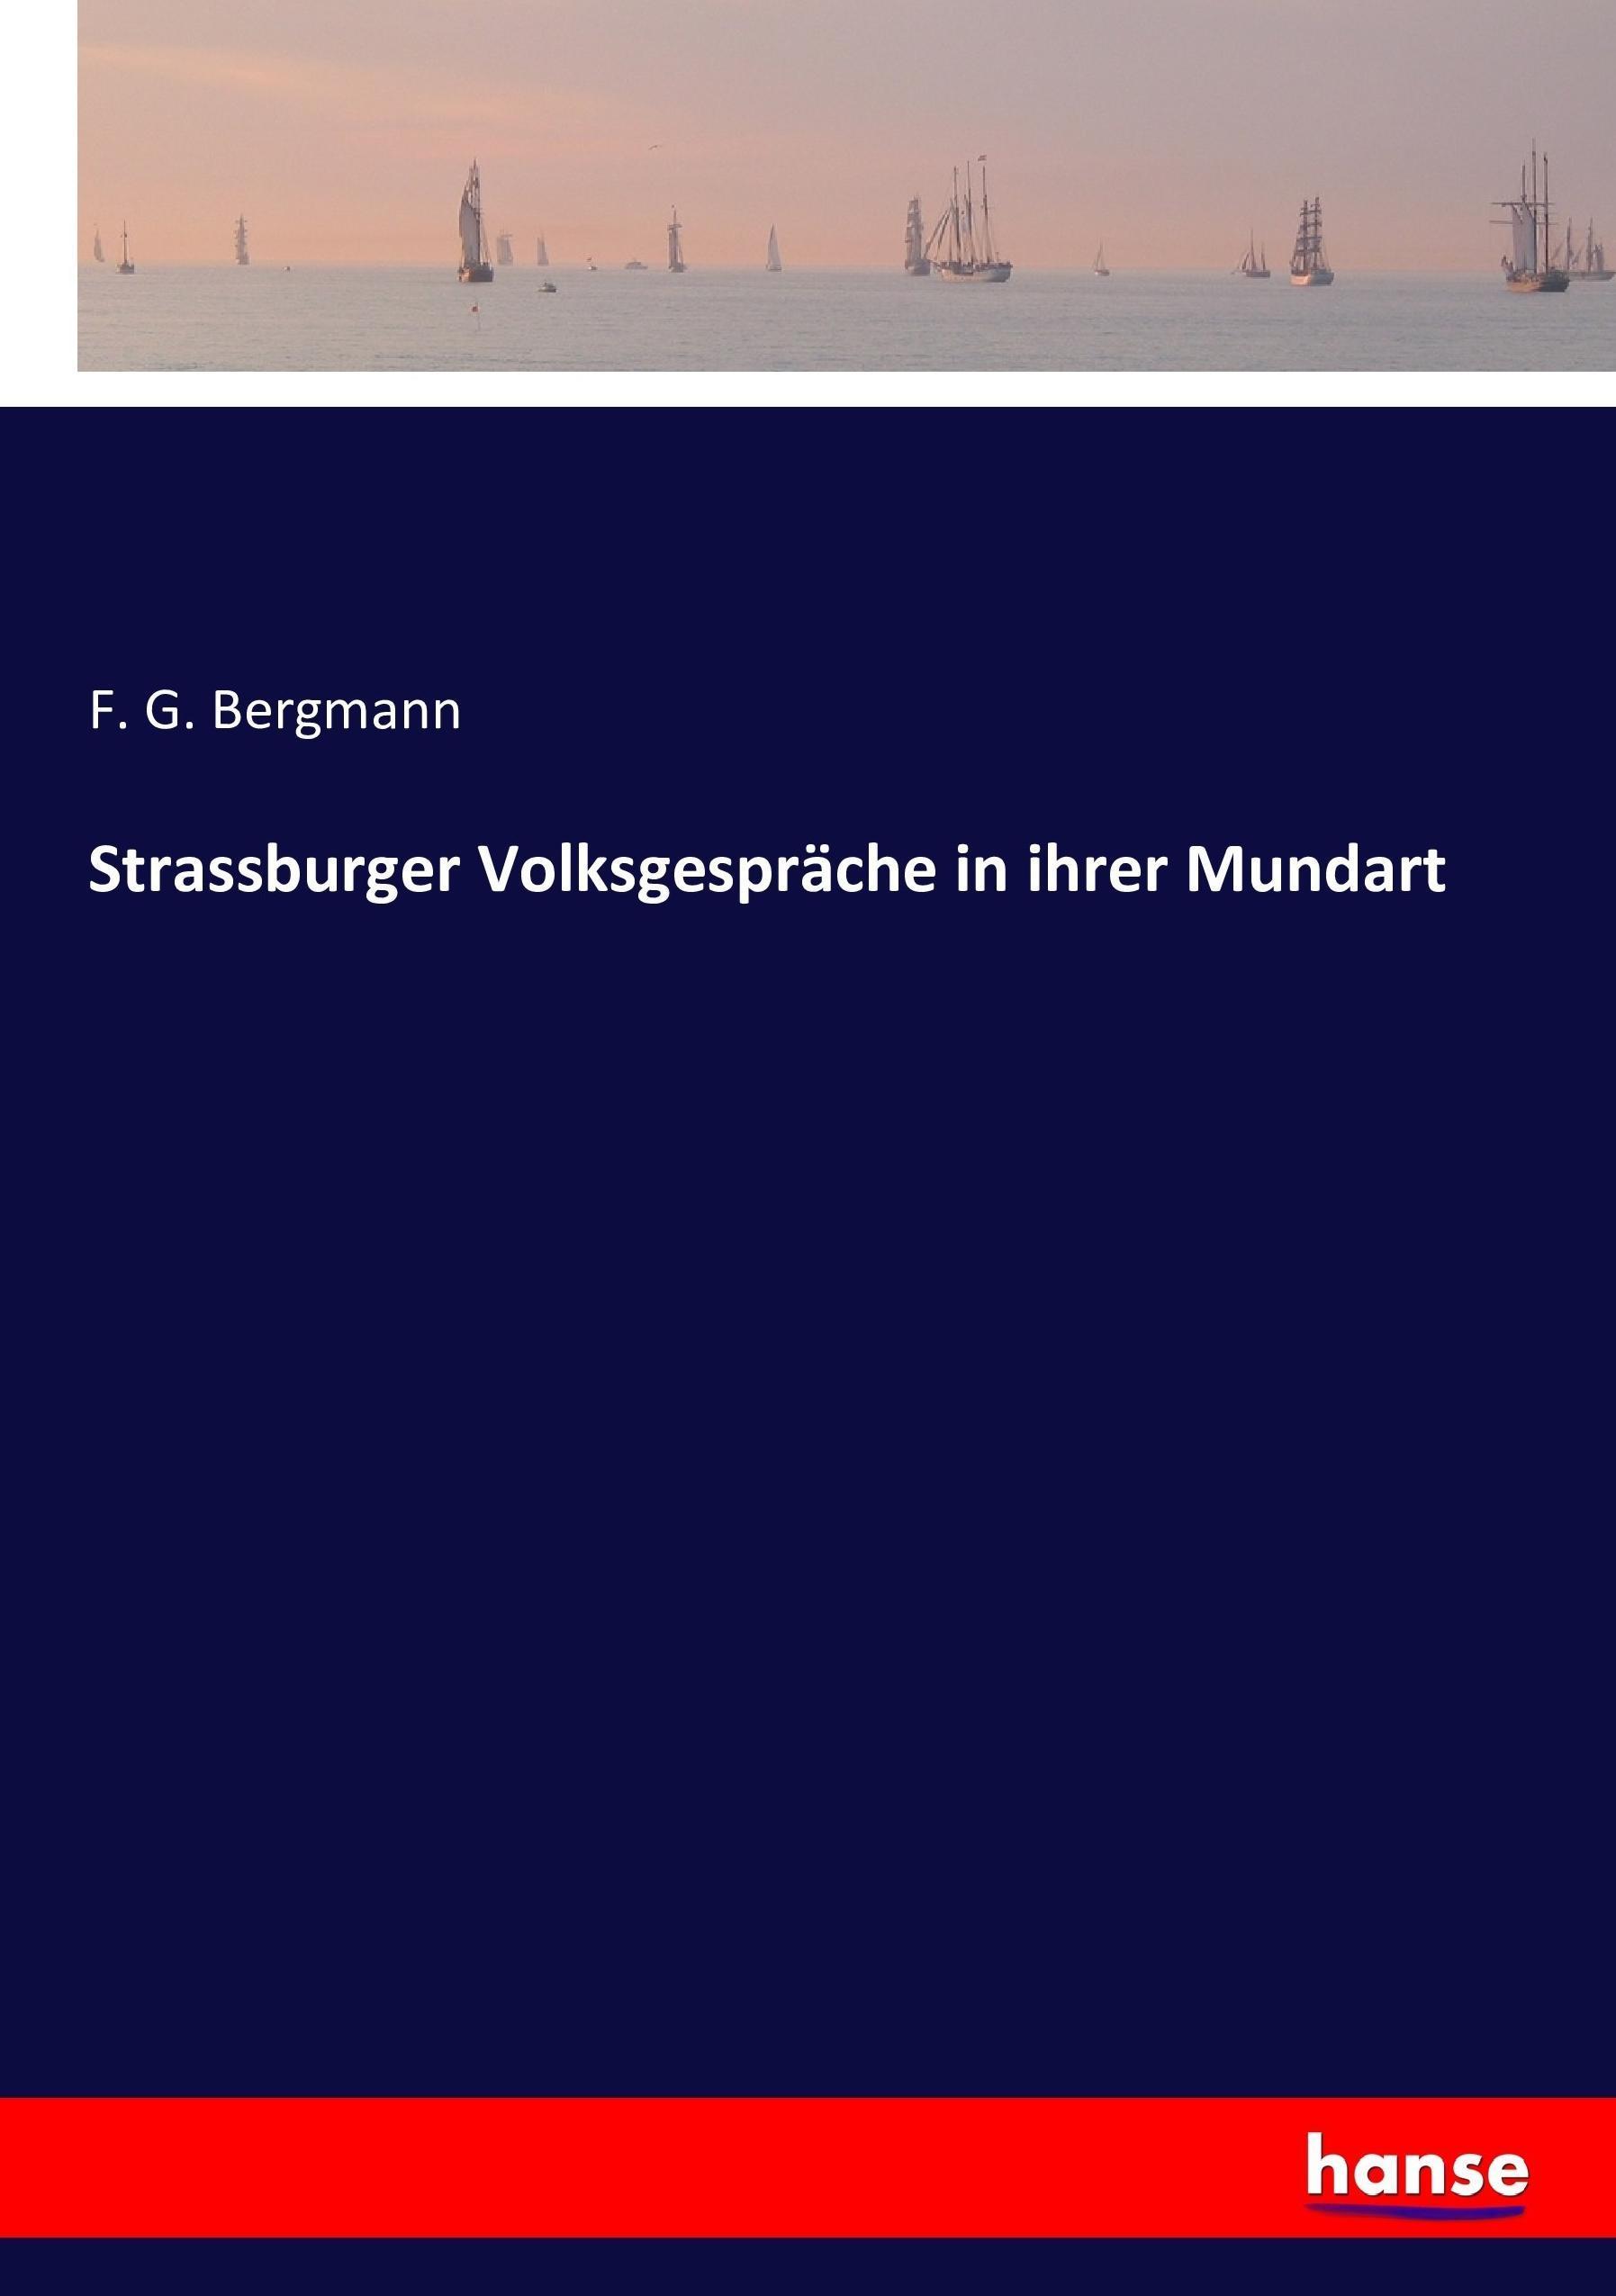 Strassburger Volksgespräche in ihrer Mundart F. G. Bergmann